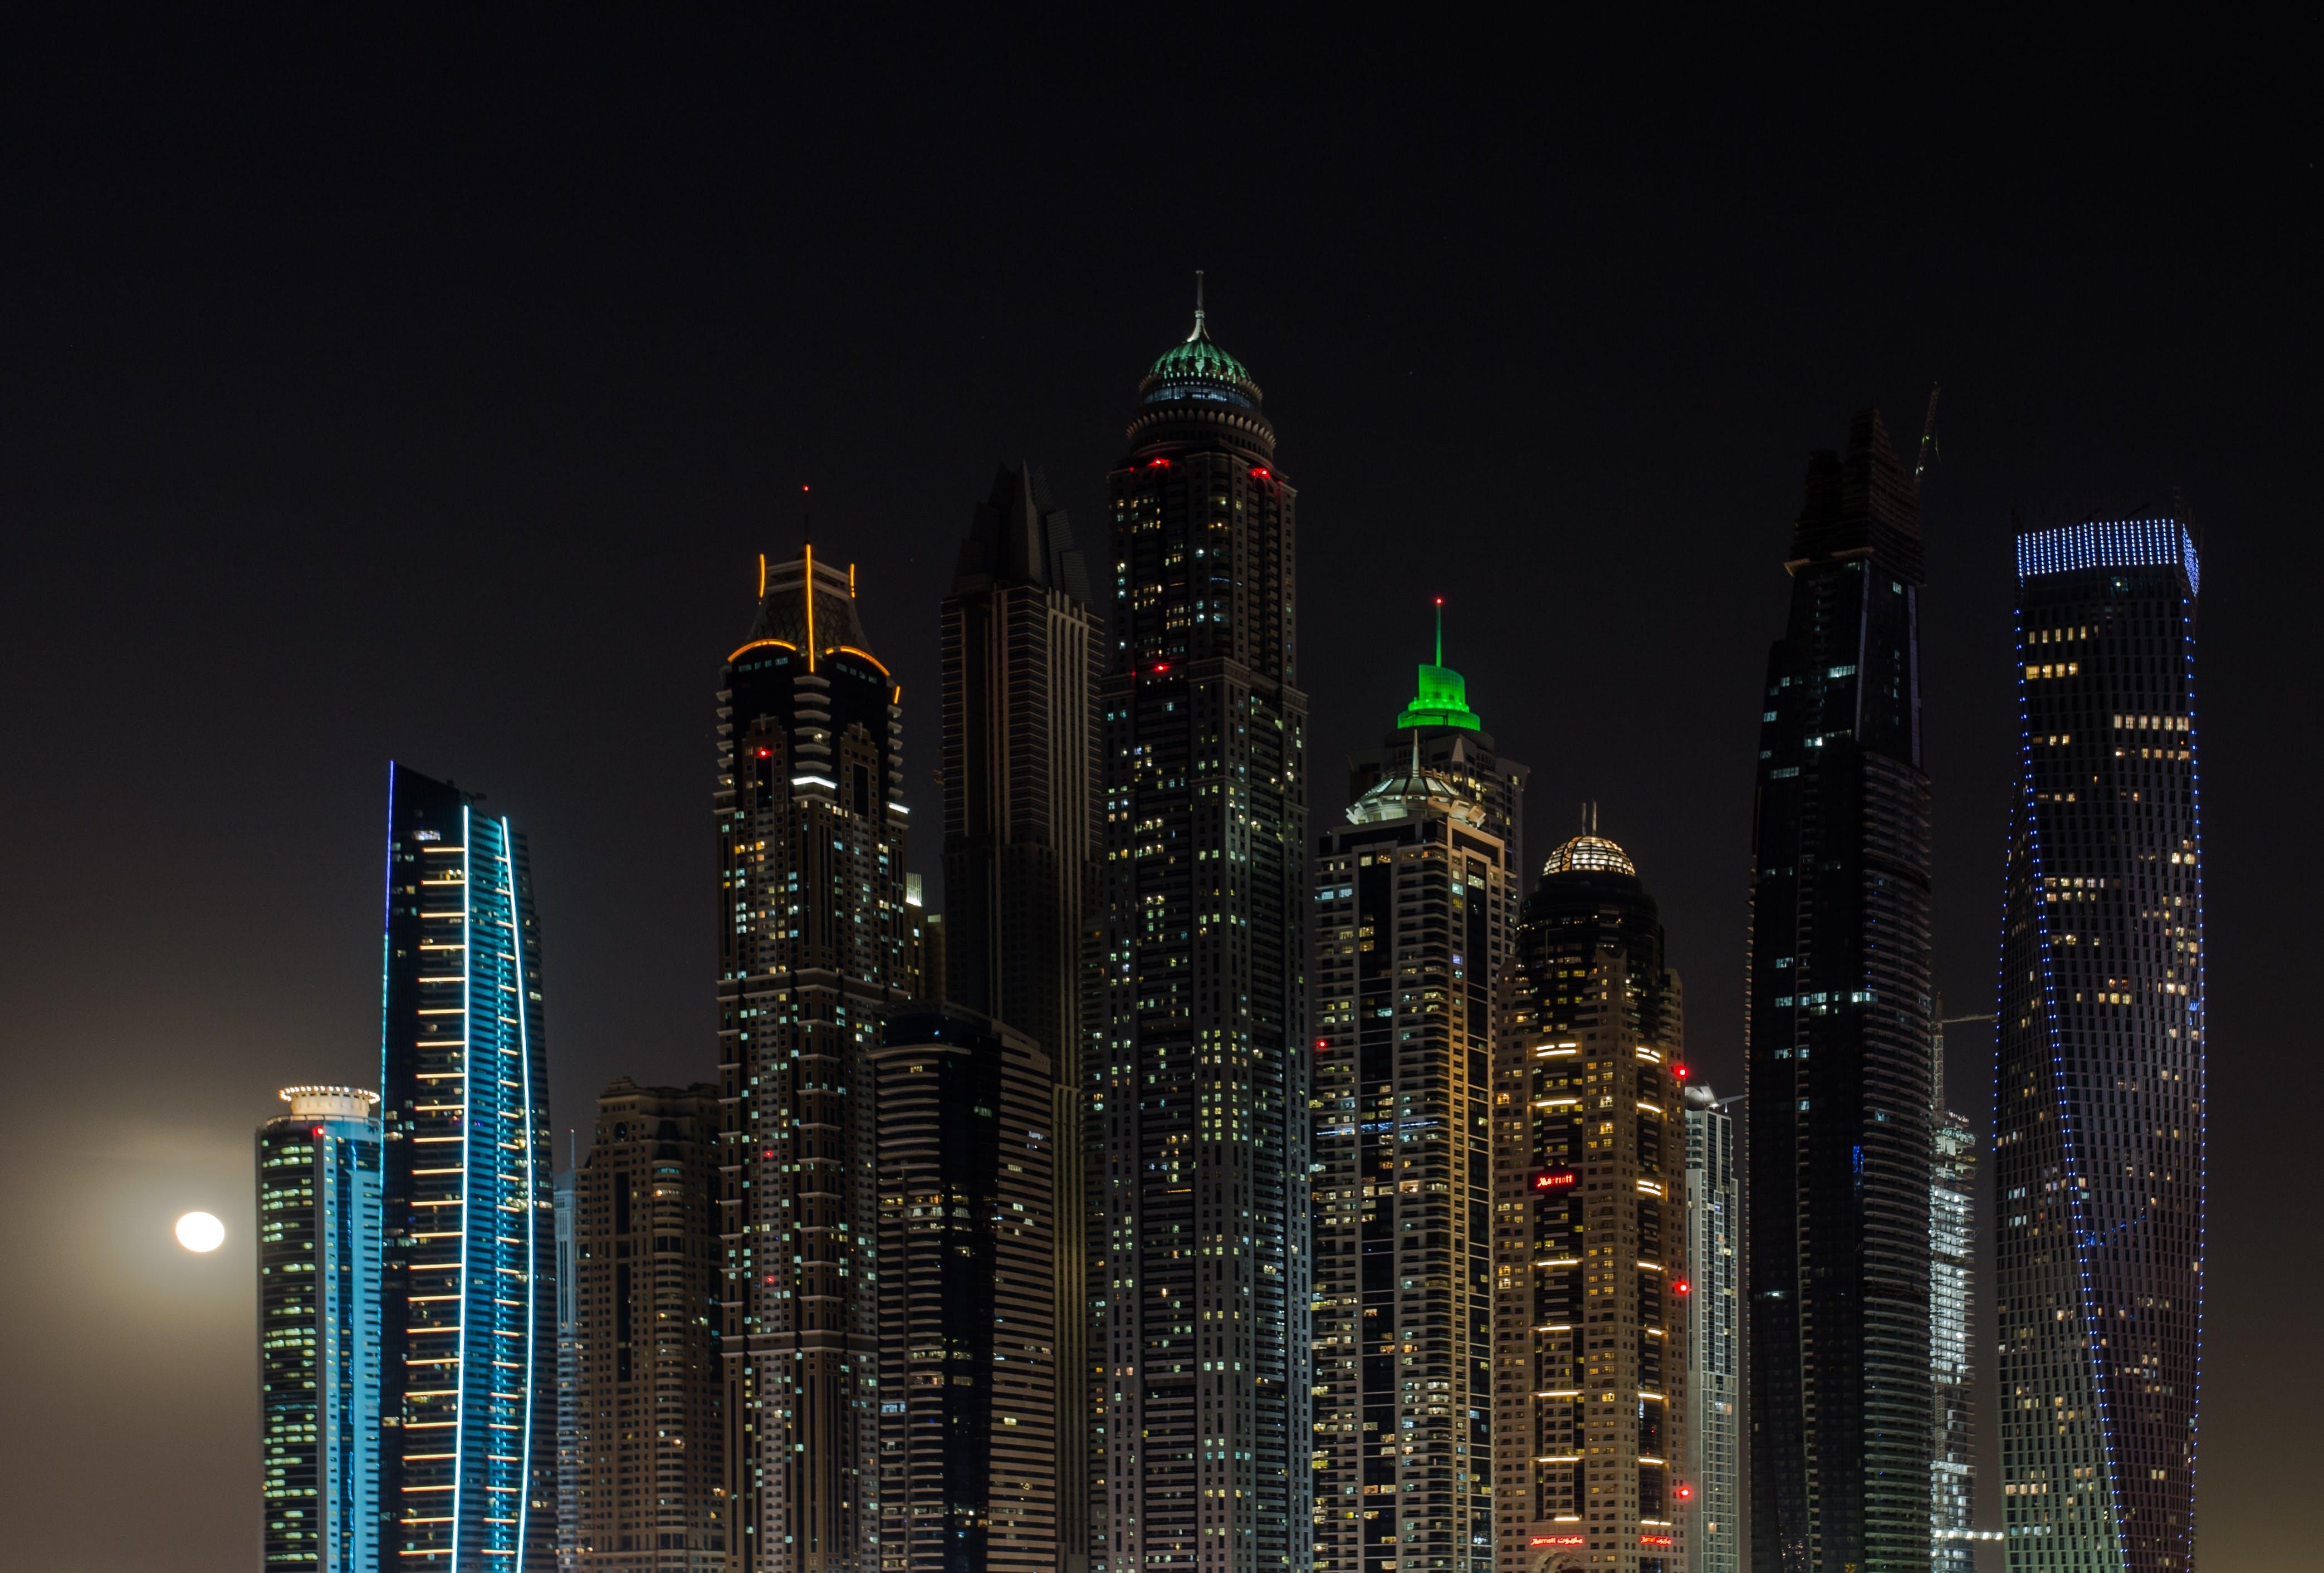 Kostenloses Stock Foto zu stadt, nacht, skyline, gebäude